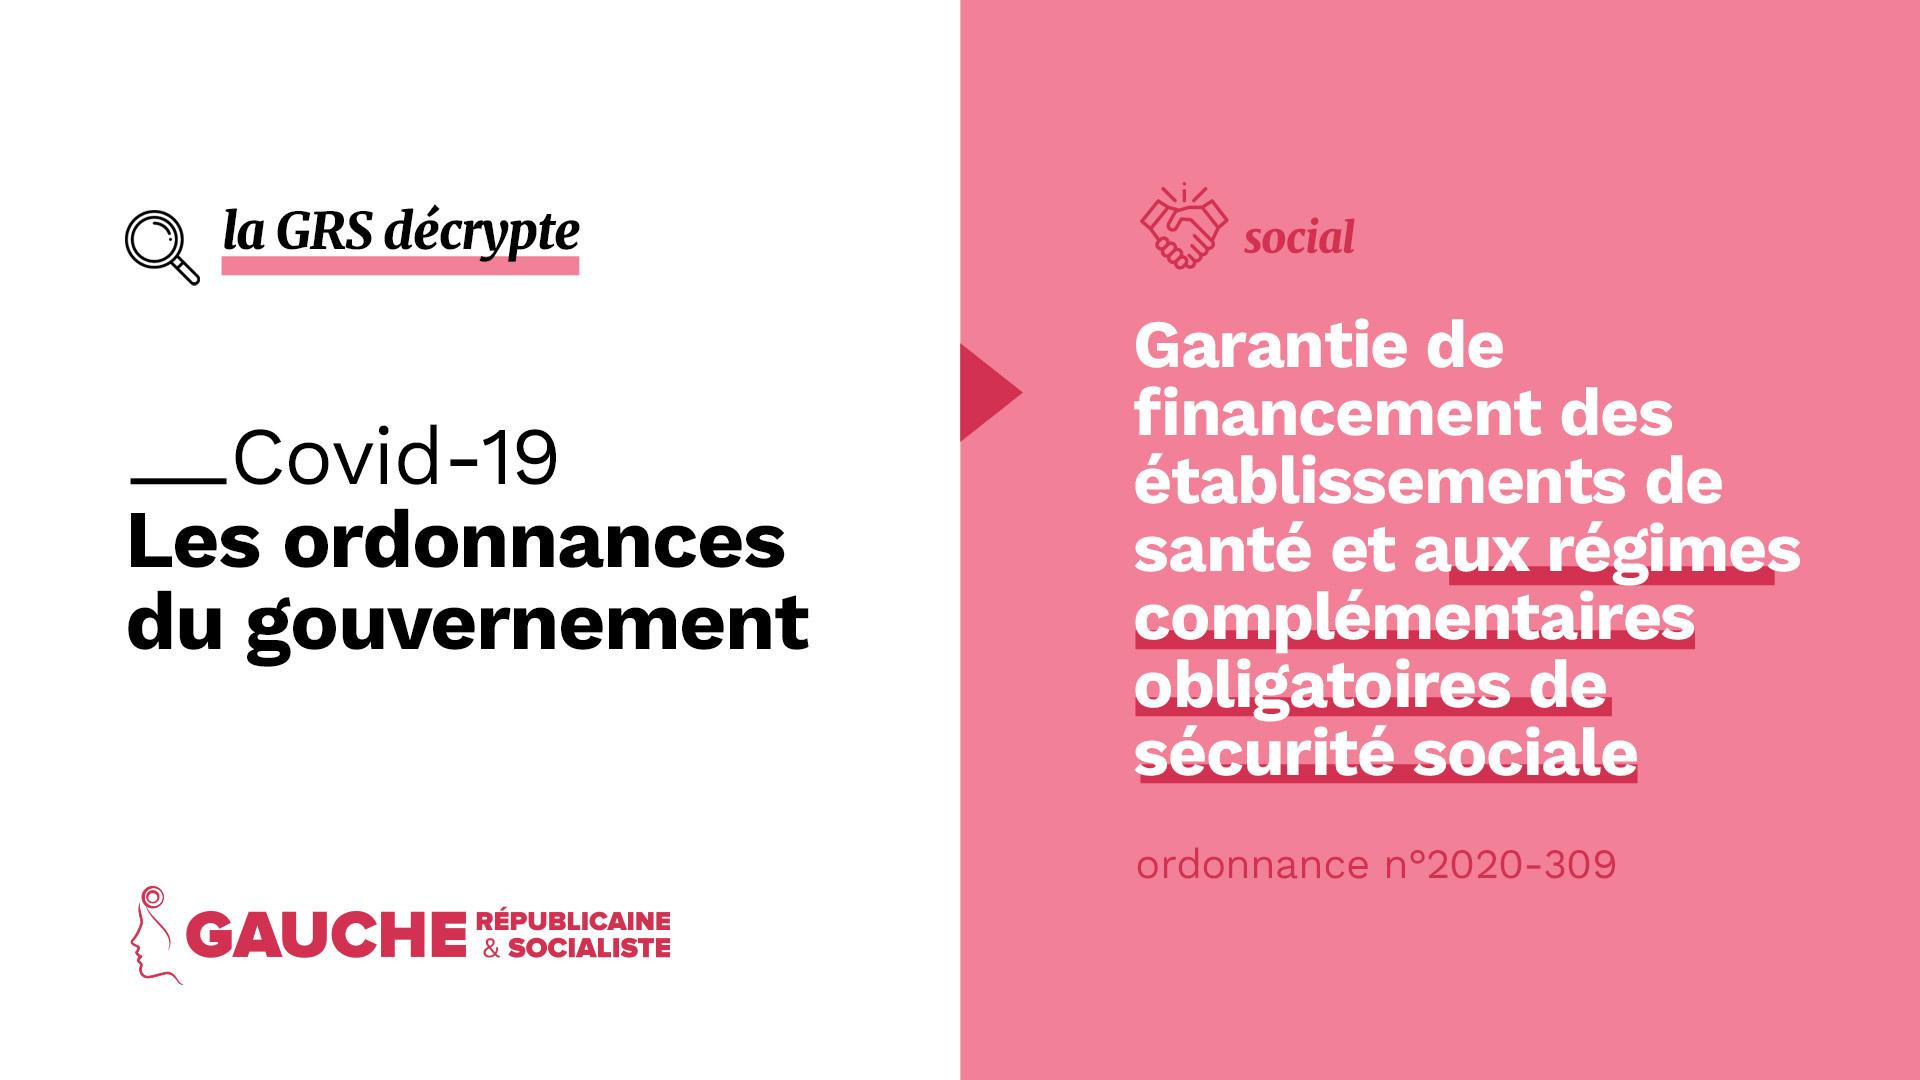 Ordonnance n° 2020-309 du 25 mars 2020 relative à la garantie de financement des établissements de santé et aux régimes complémentaires obligatoires de sécurité sociale